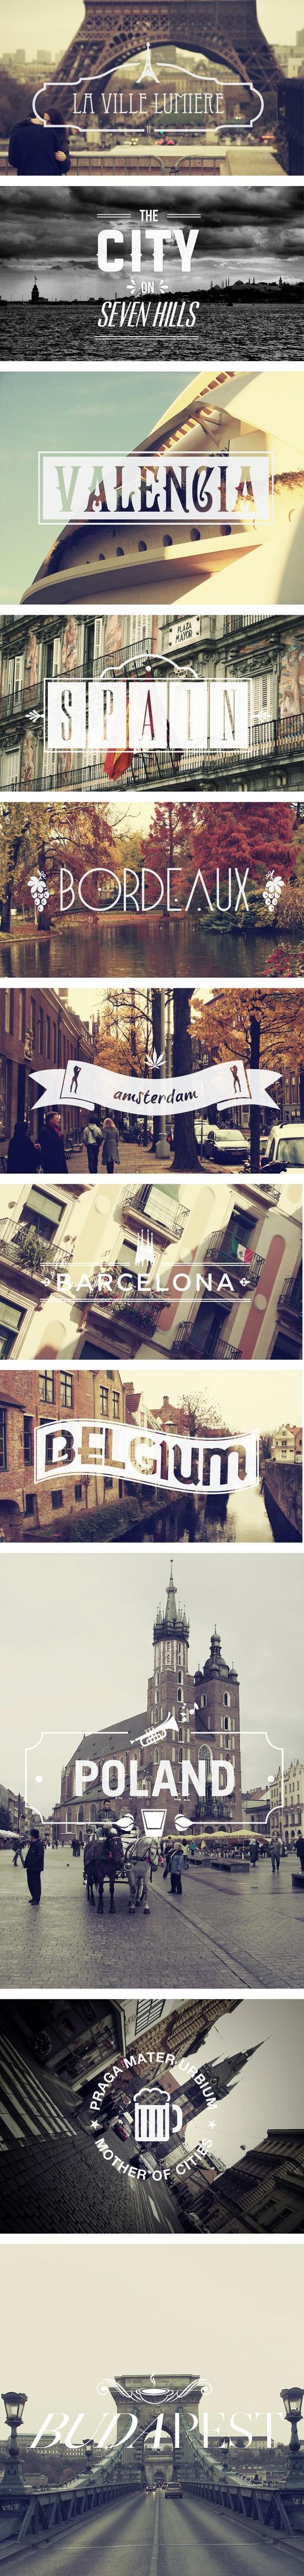 Hochzeit - Europäische Städte für den Honeymoon ♥ Best Honeymoon Destination